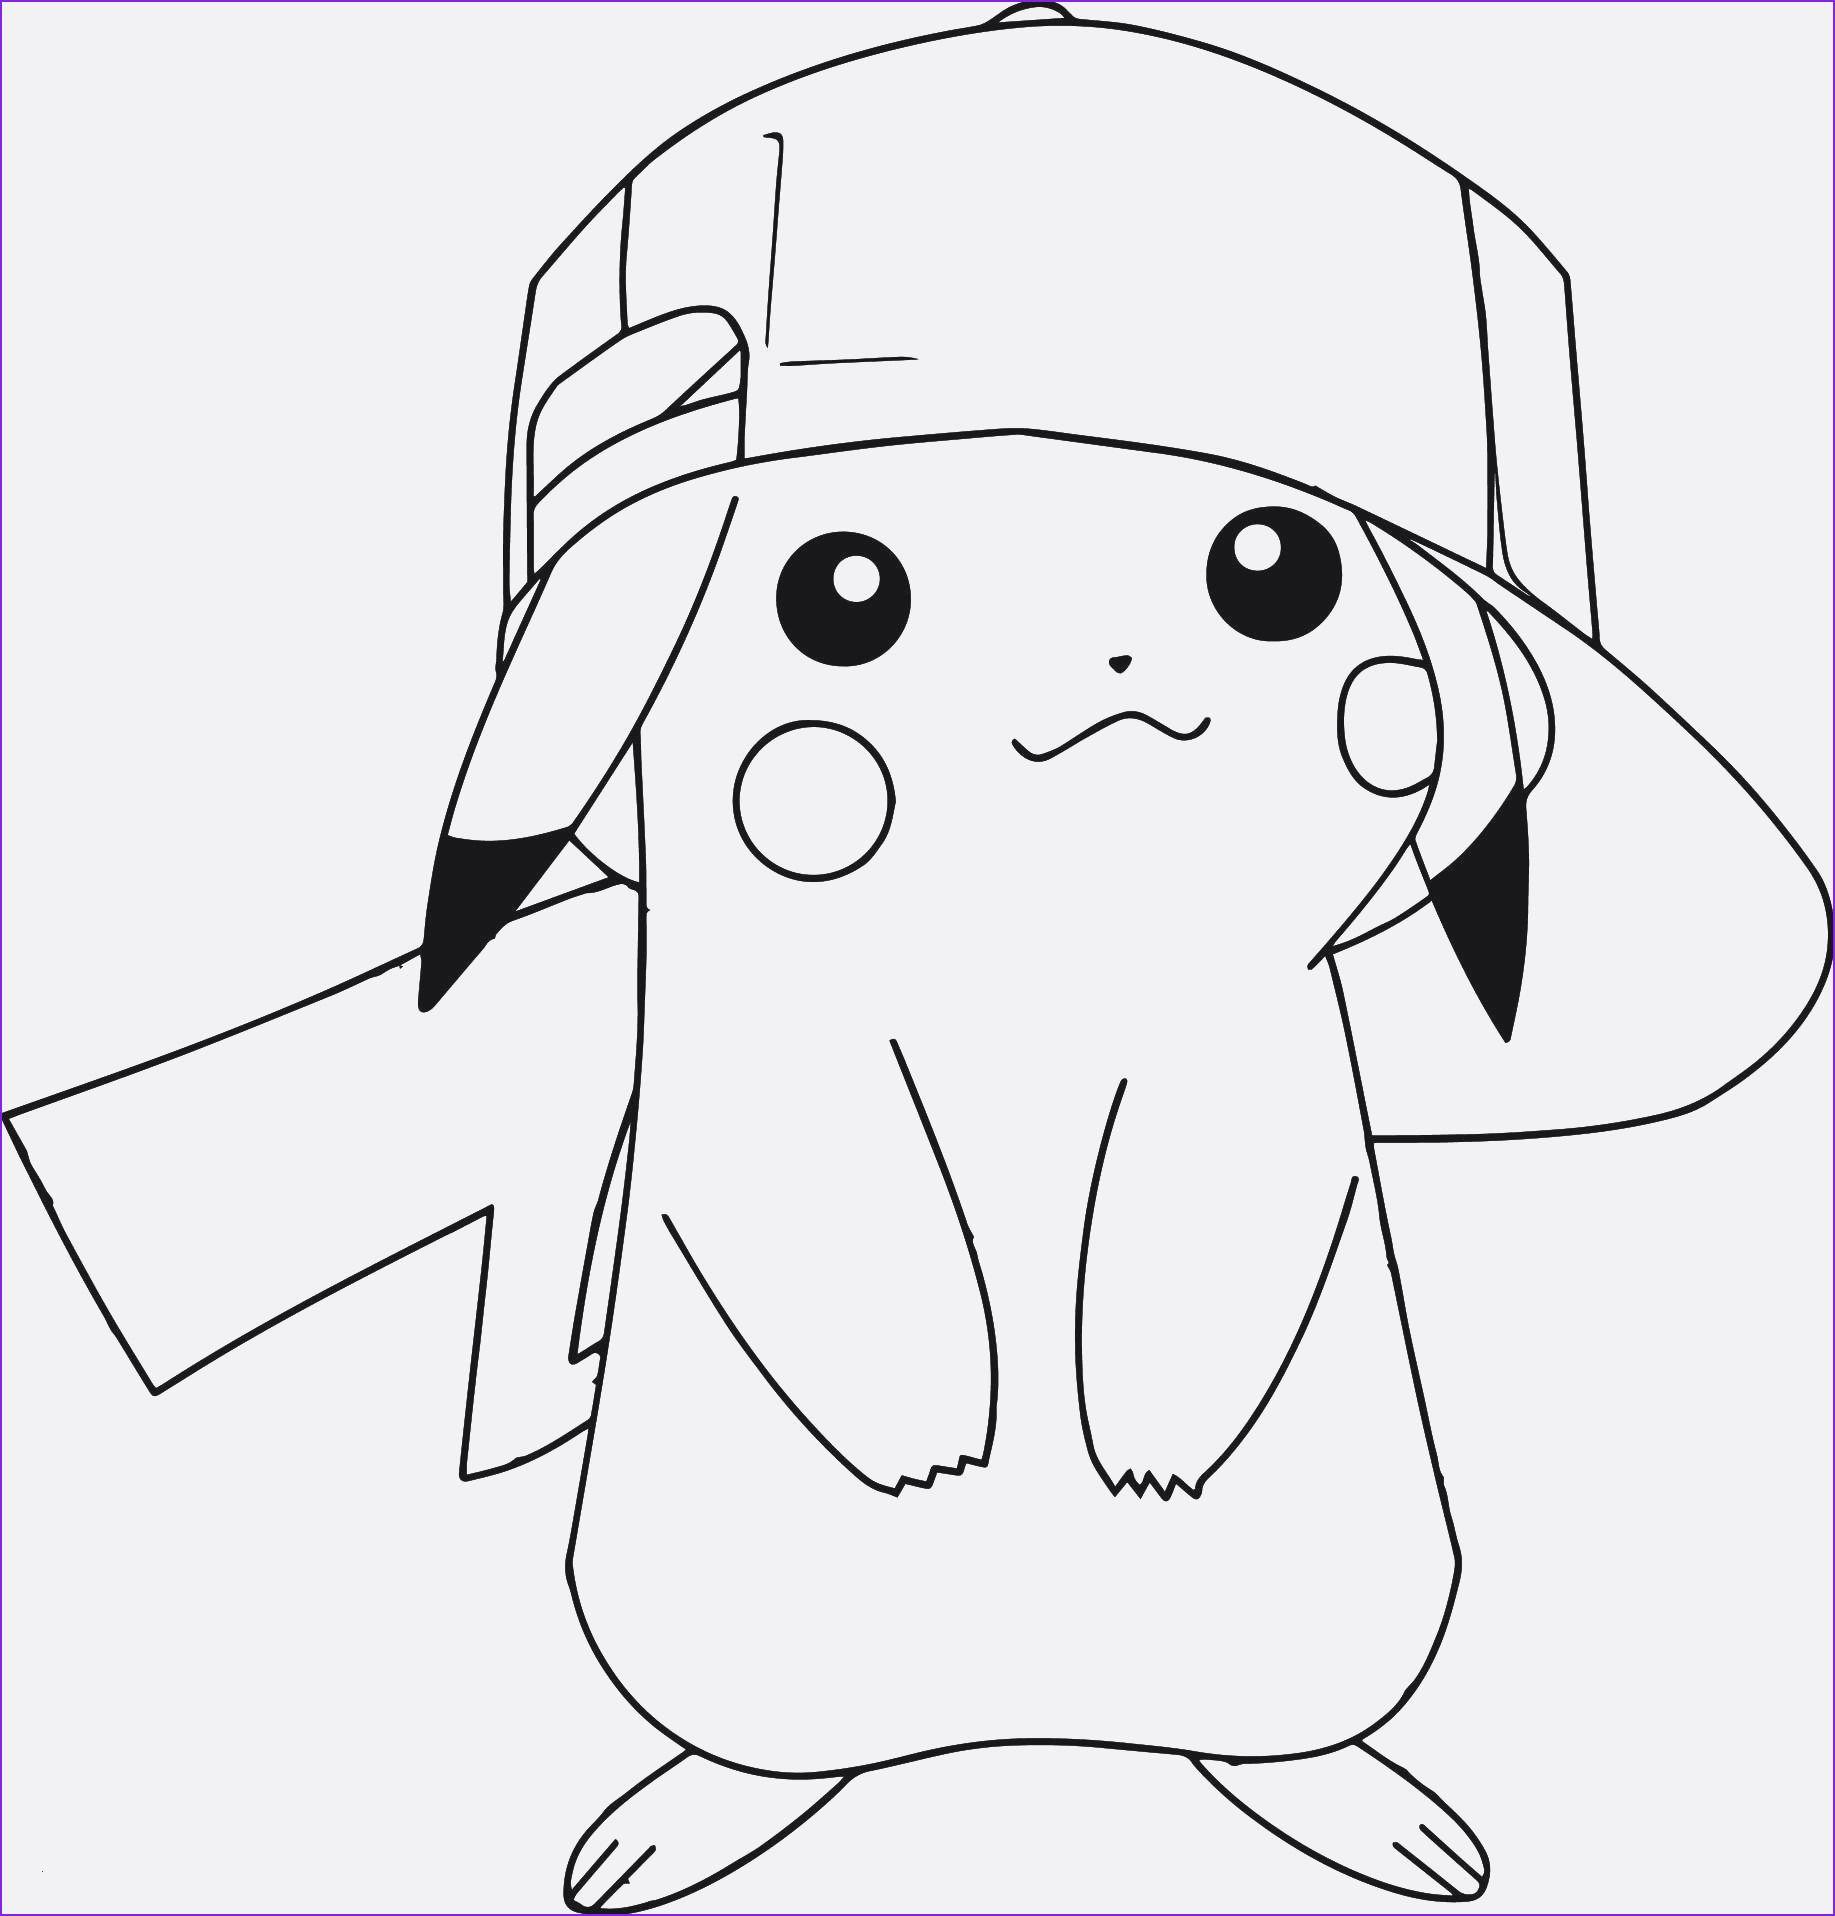 Ausmalbilder Pokemon Pikachu Unique Coloring Pages Pokemon